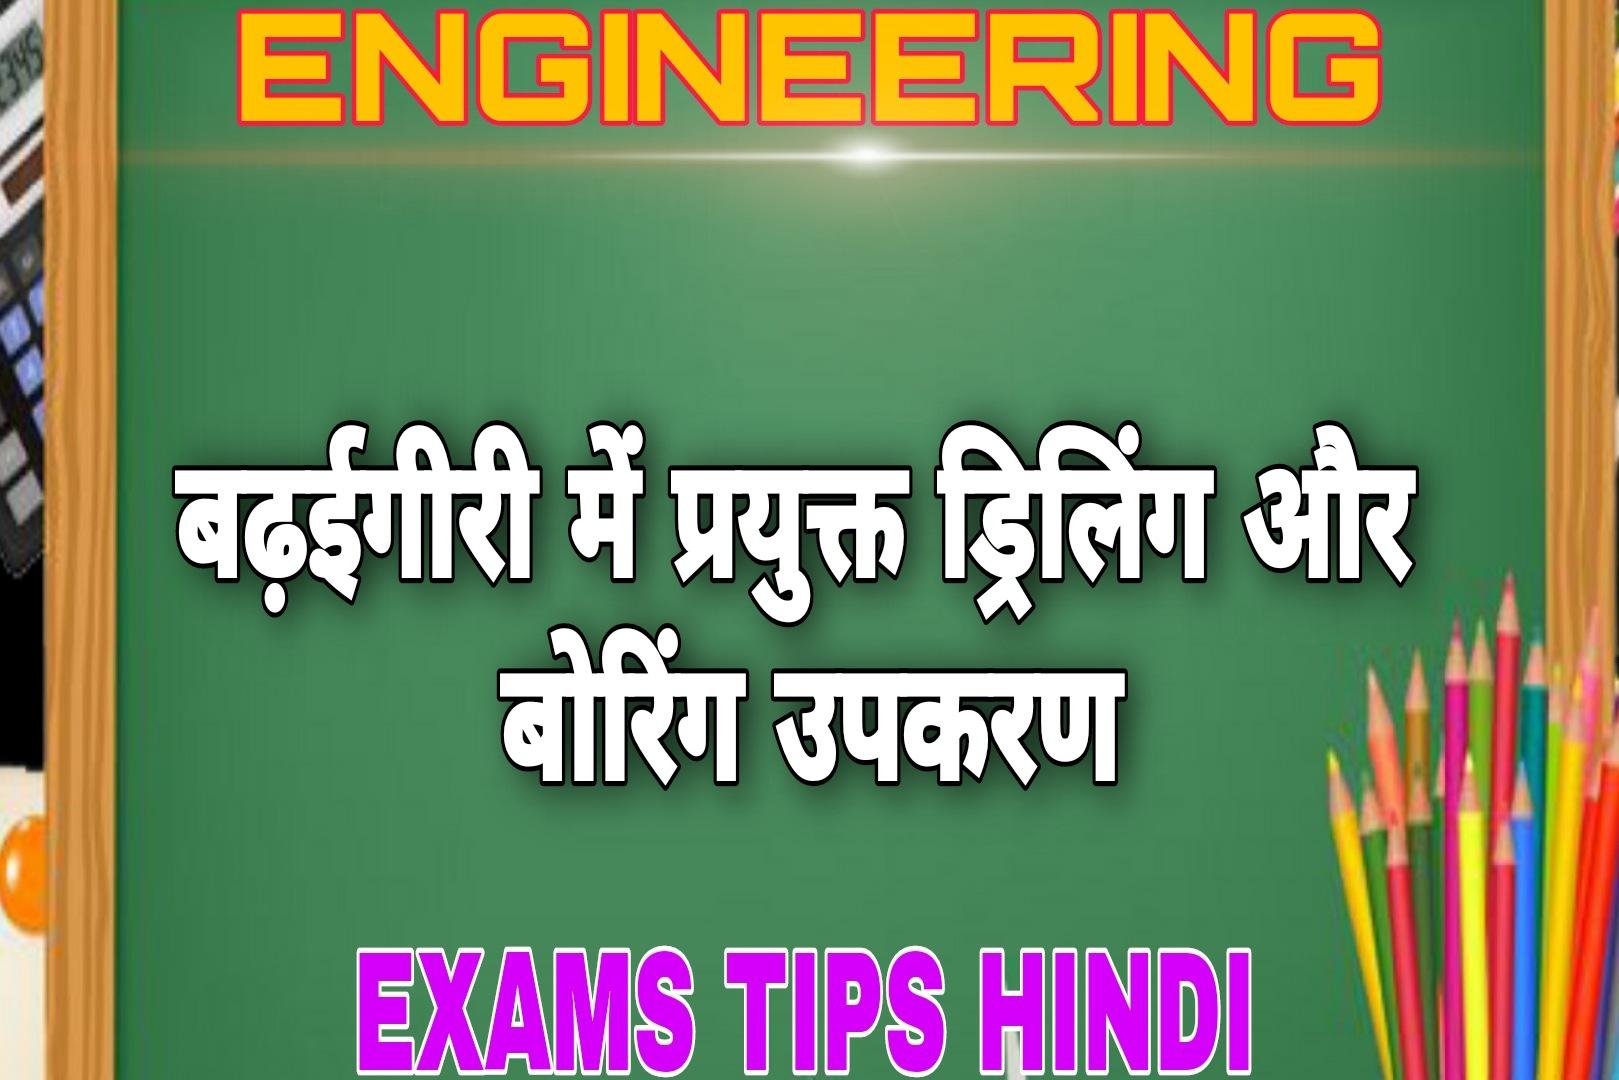 बढ़ईगीरी में प्रयुक्त ड्रिलिंग और बोरिंग उपकरण, Drilling and Boring tools Used in Carpentry in Hindi